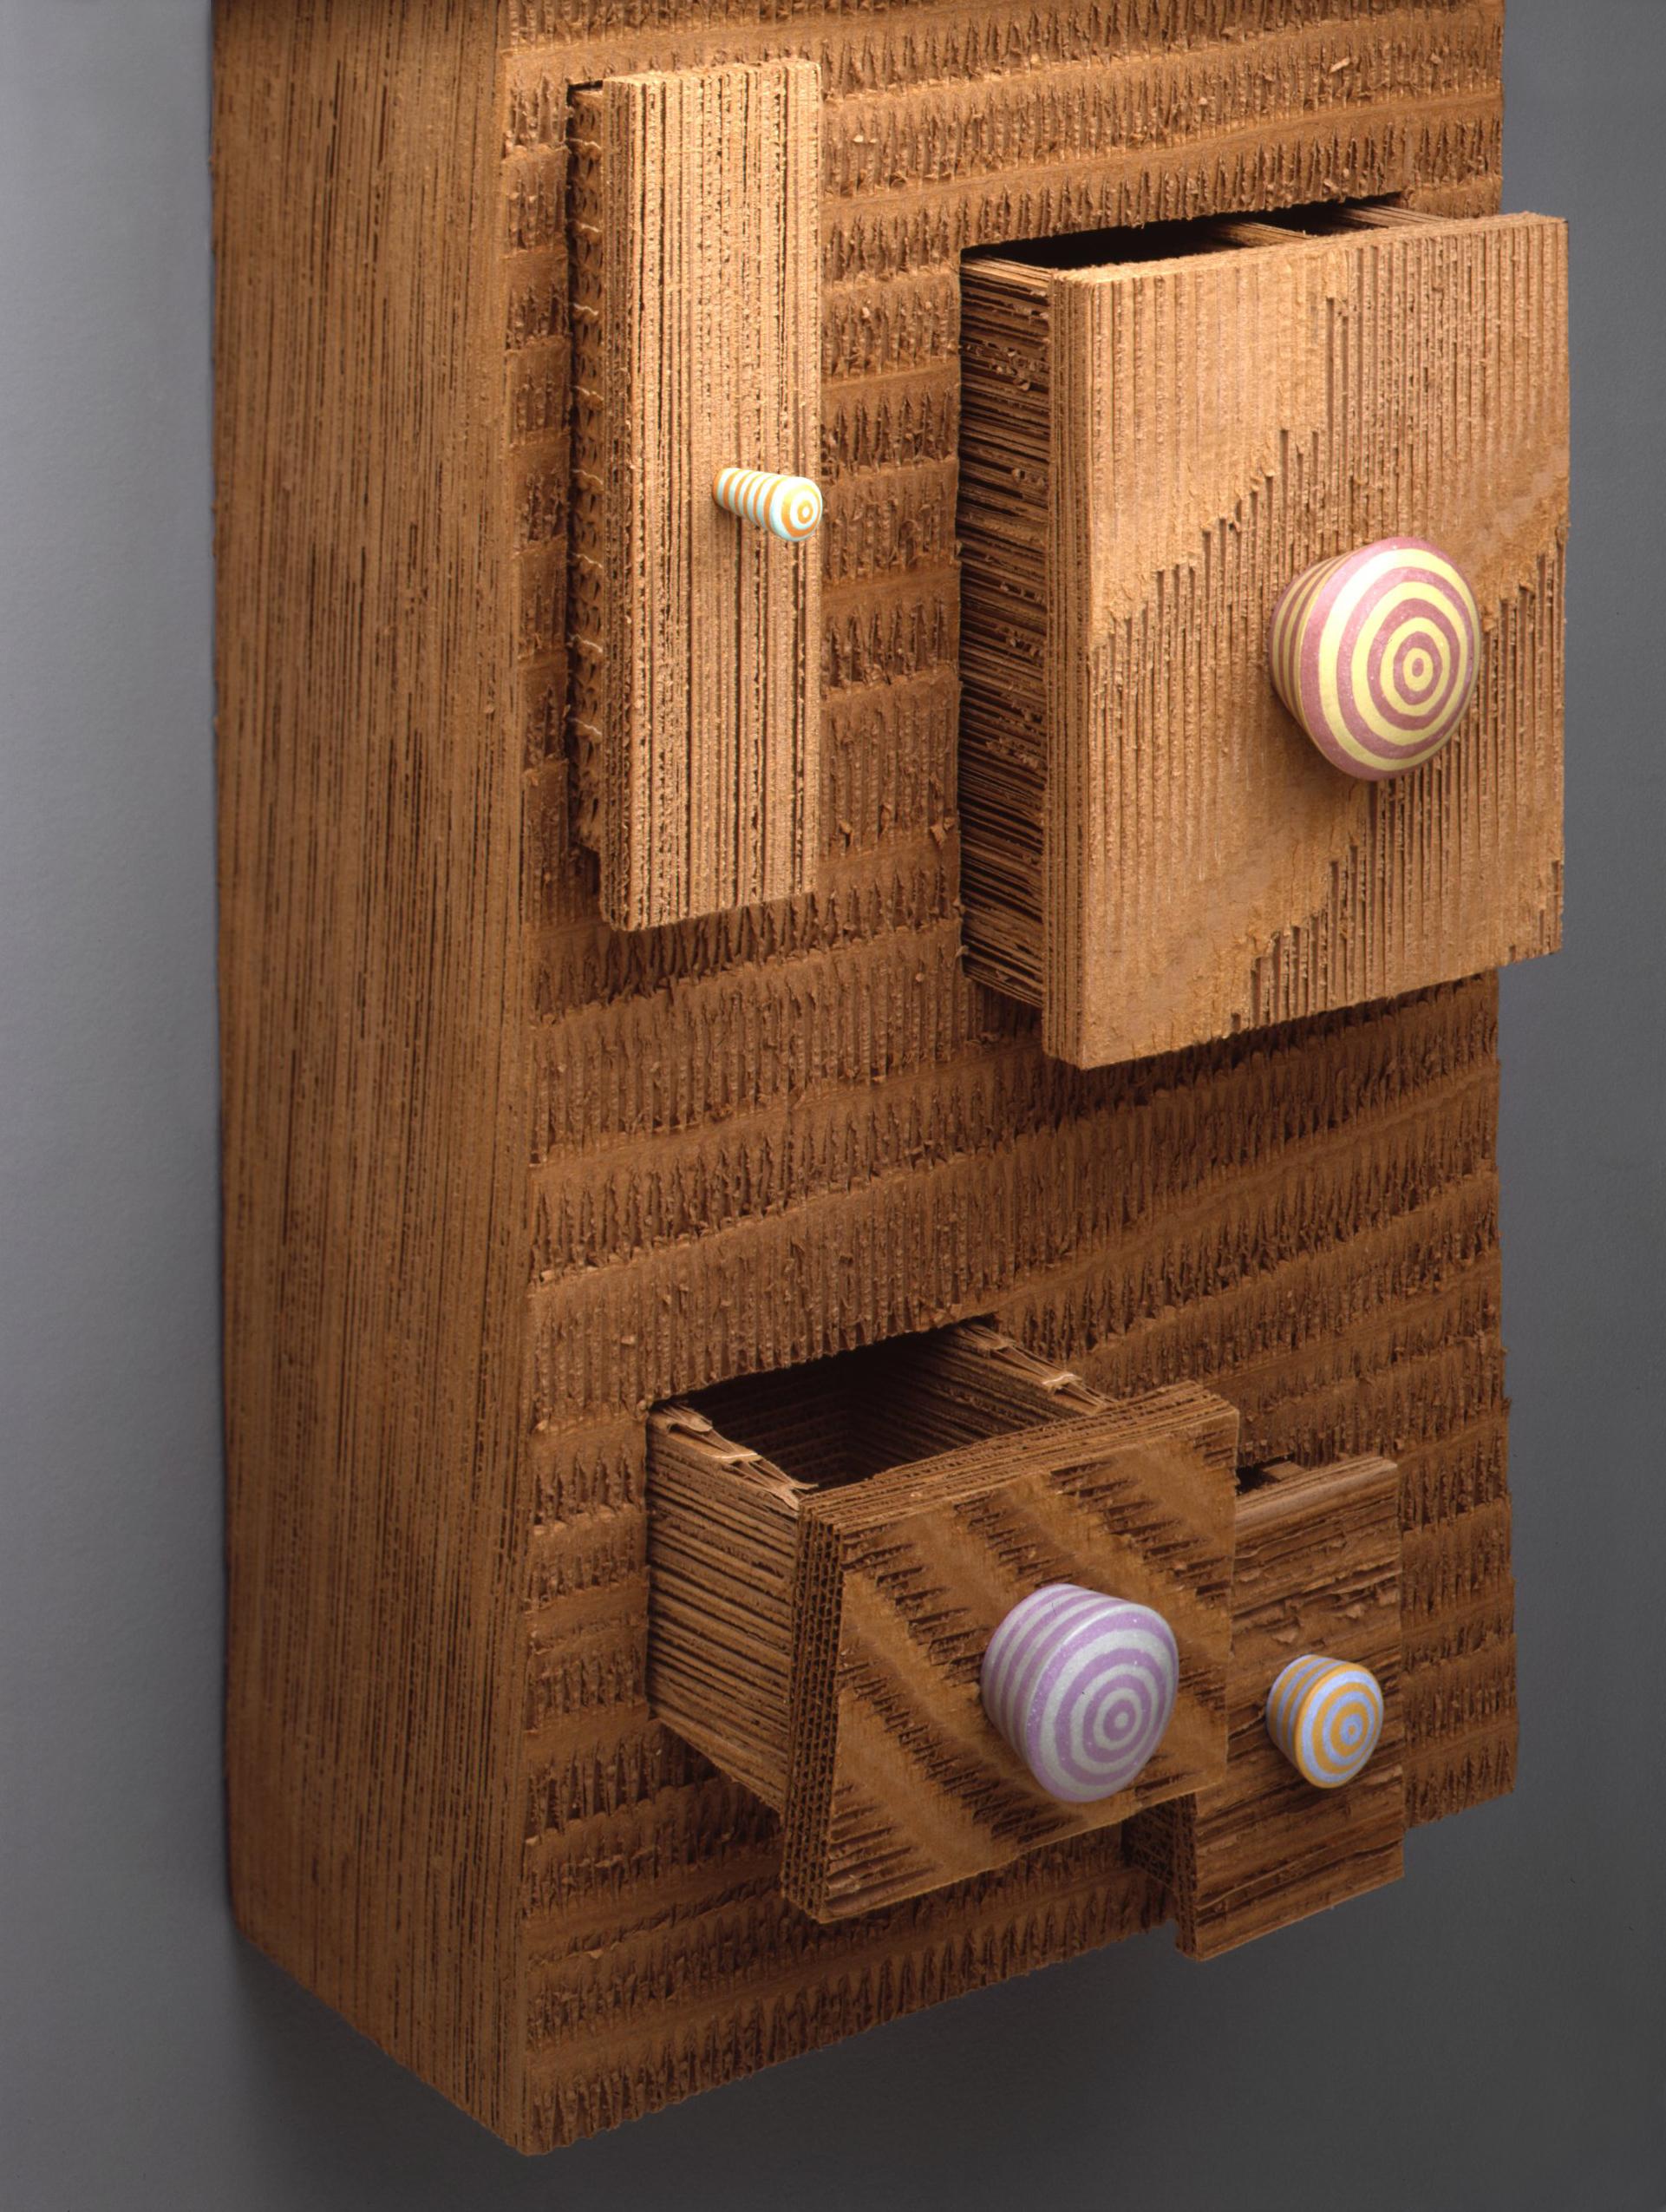 Chunk of Drawers I 1990 I corrugated paper, wood, paint I 29 x 15 x 9